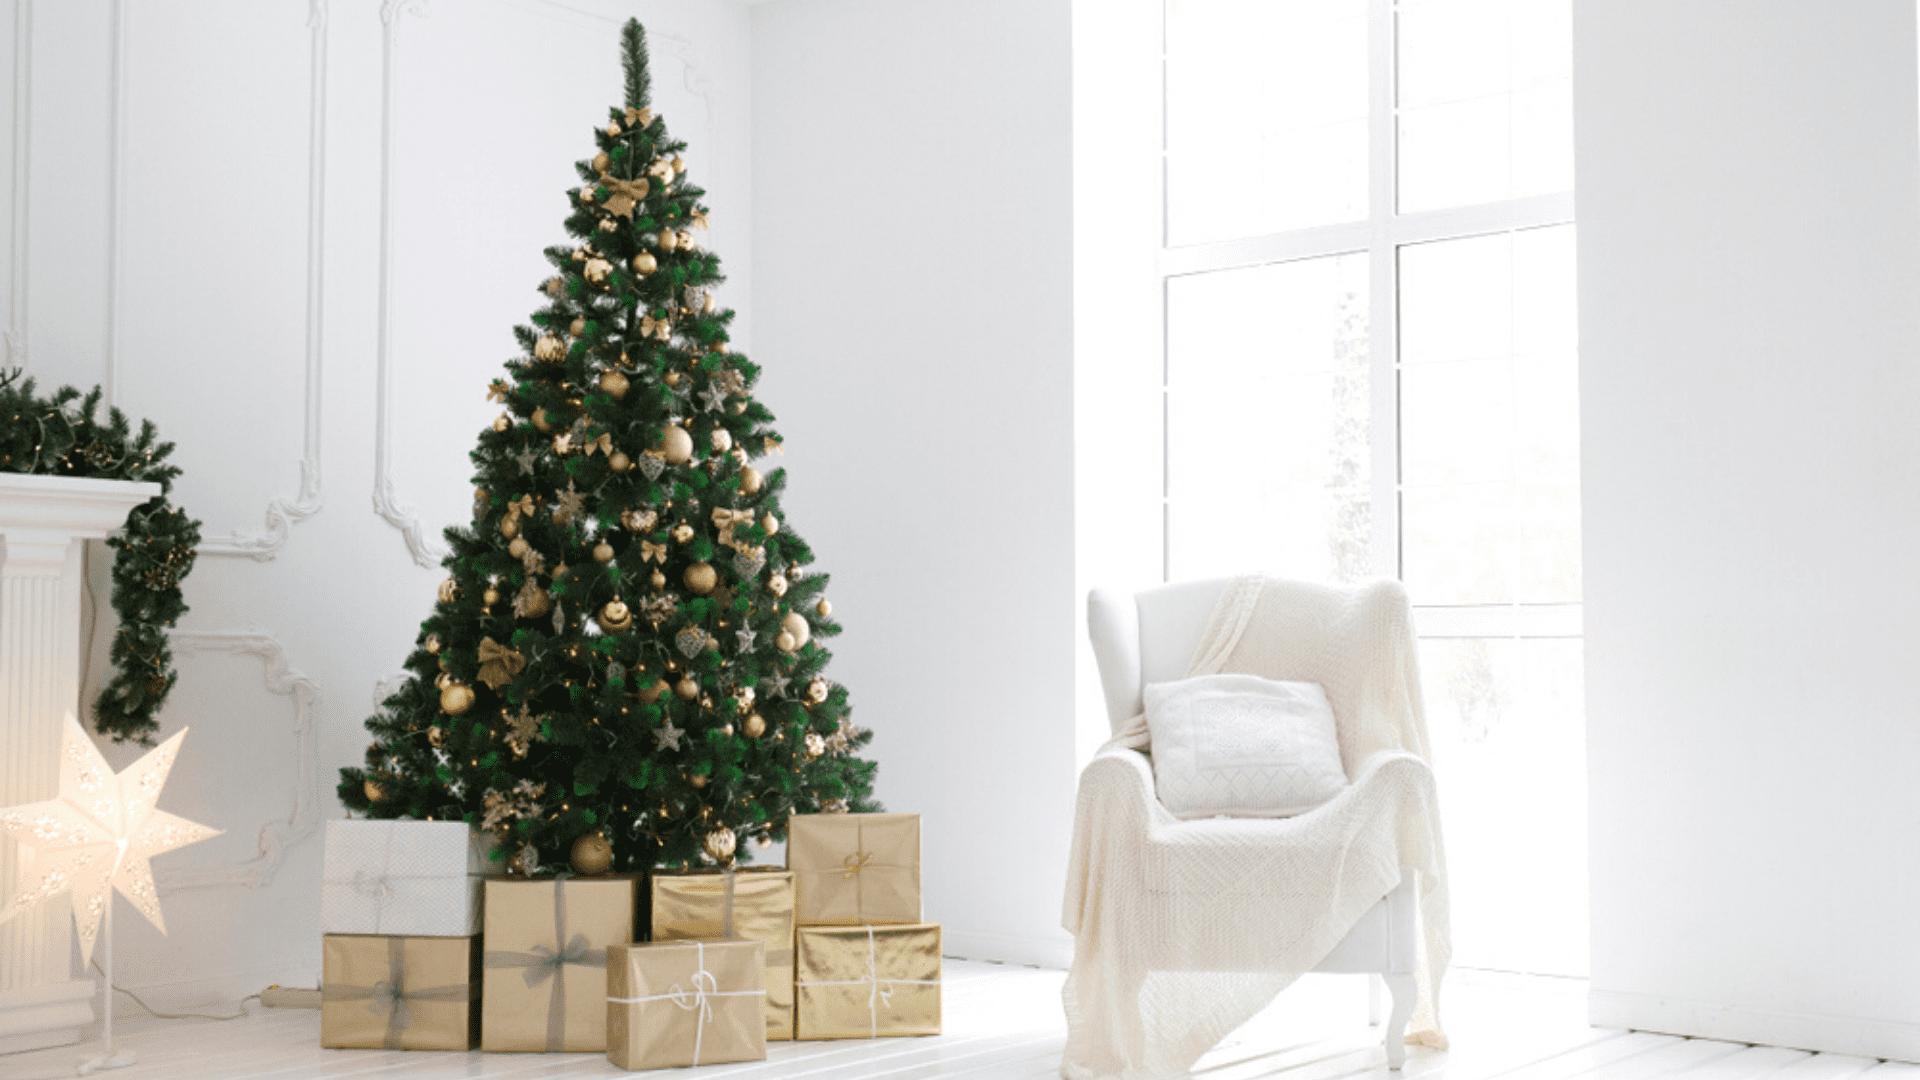 Árvore de Natal dourada (Imagem: Reprodução/Shutterstock)